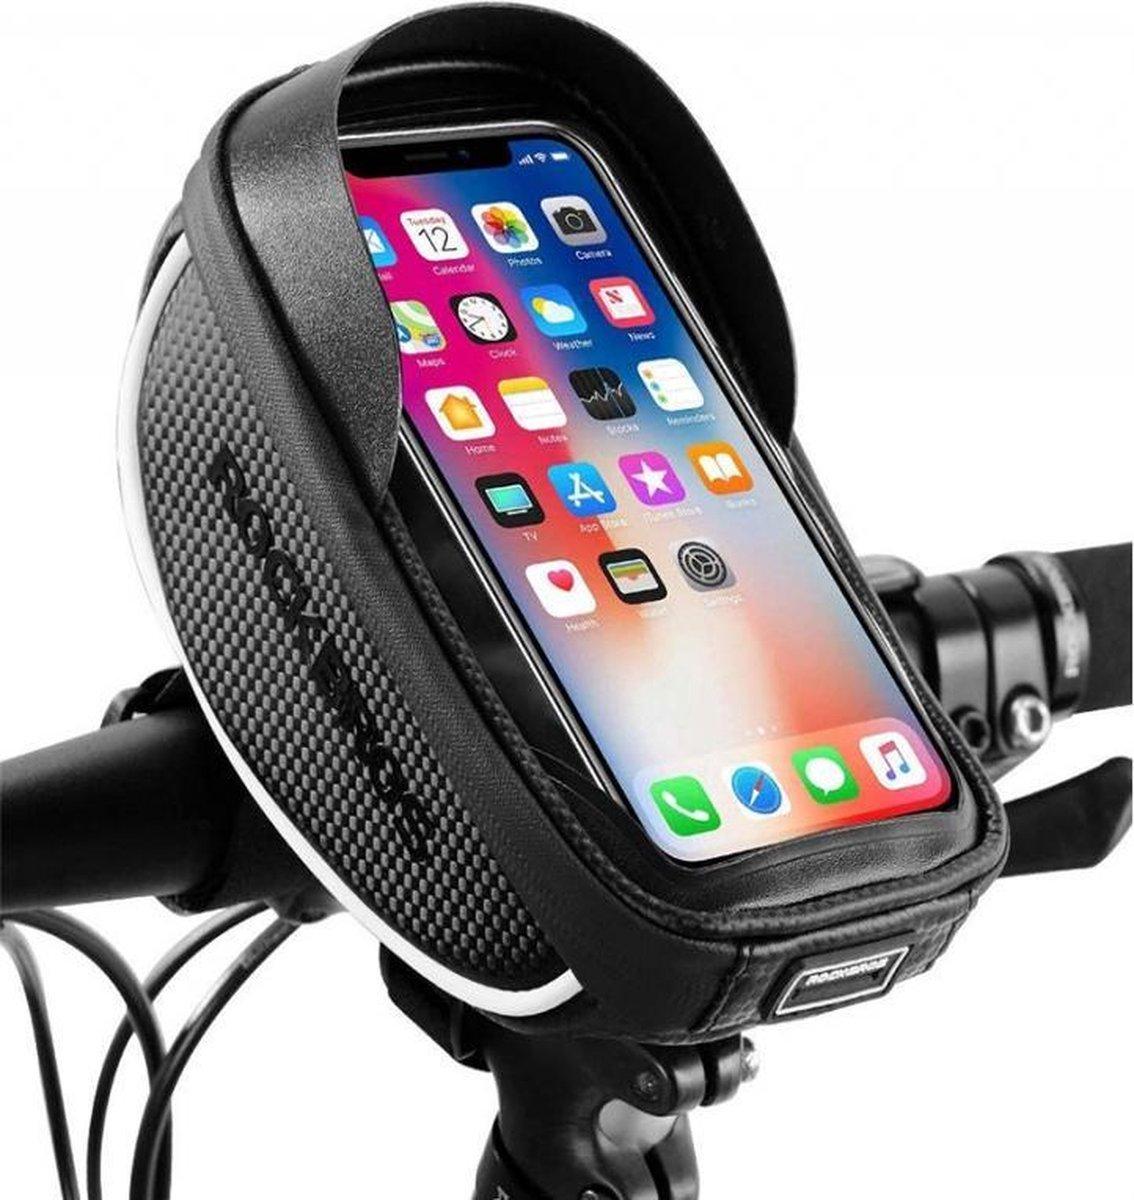 Originele waterdichte fiets stuurtas met telefoonhouder en opbergvak - Fiets stuur smartphone tas -